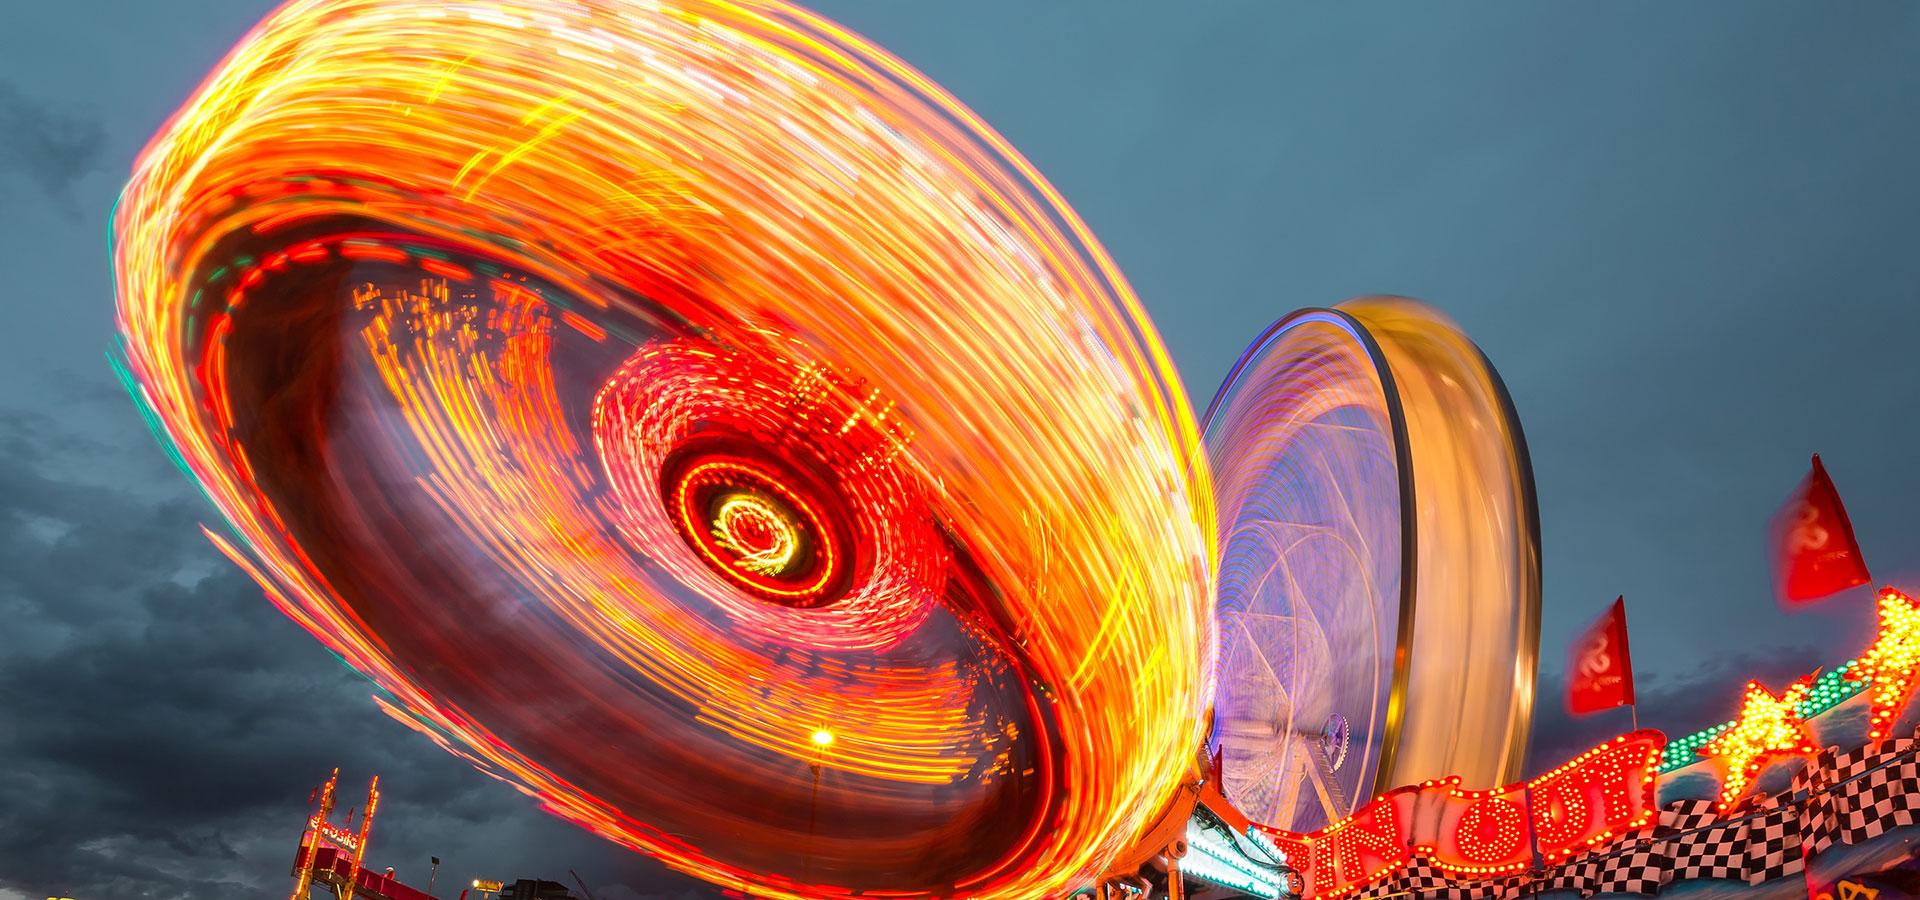 Slide-7_image-2_1920x900